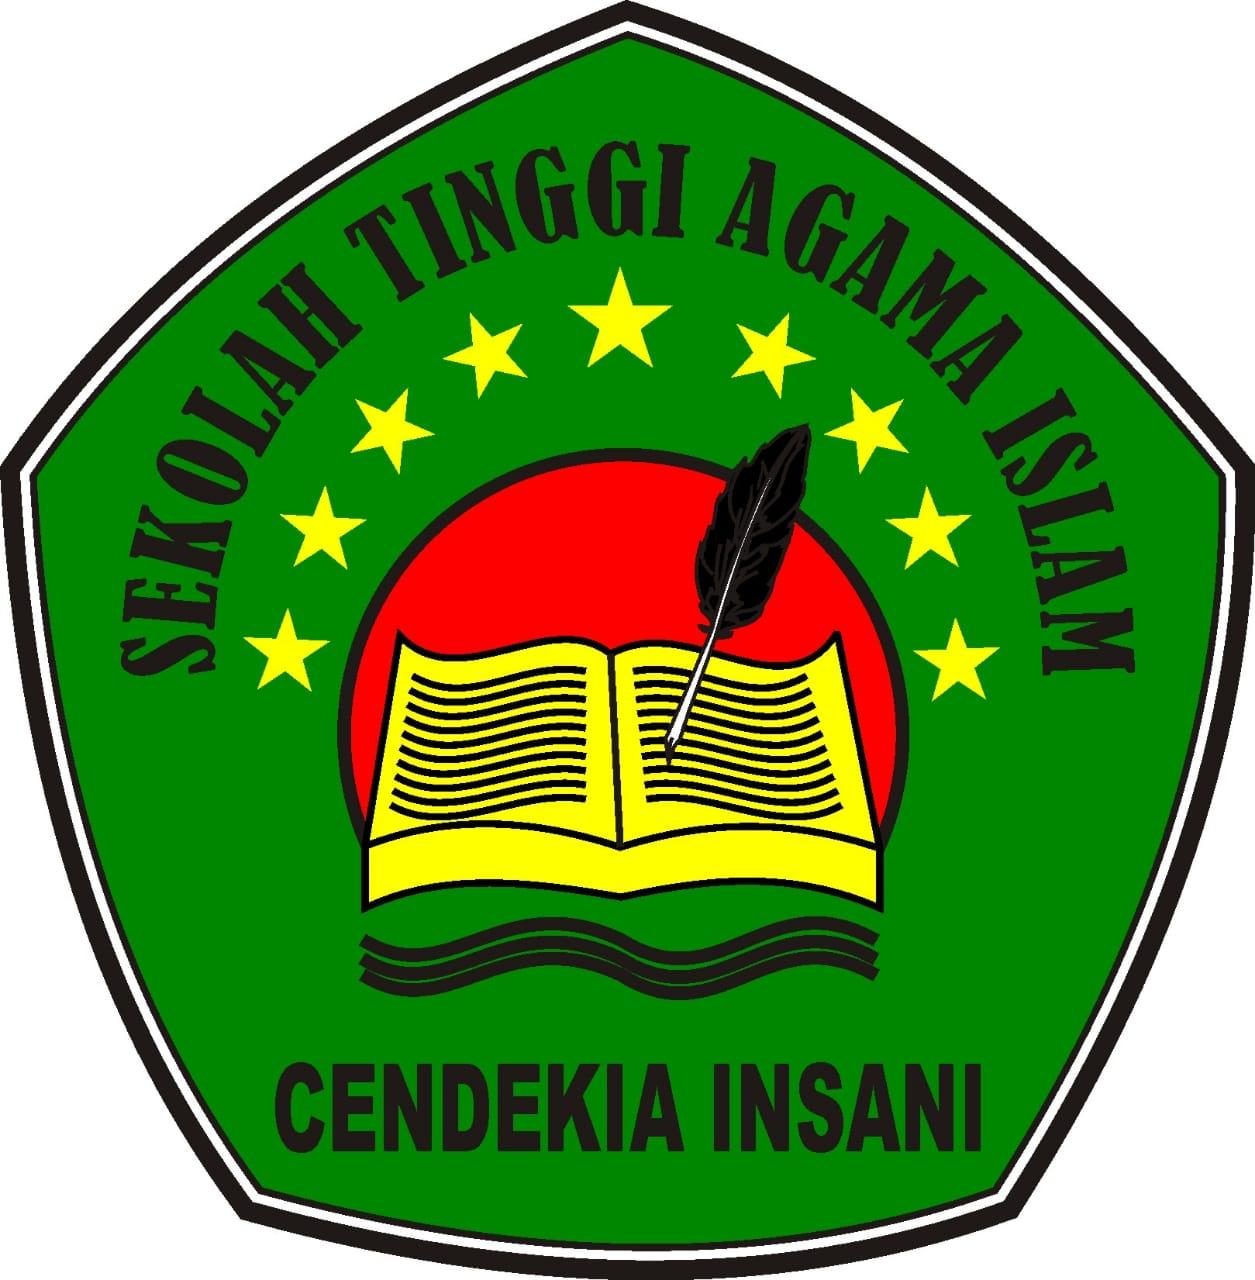 Sekolah Tinggi Agama Islam Cendikia Islami